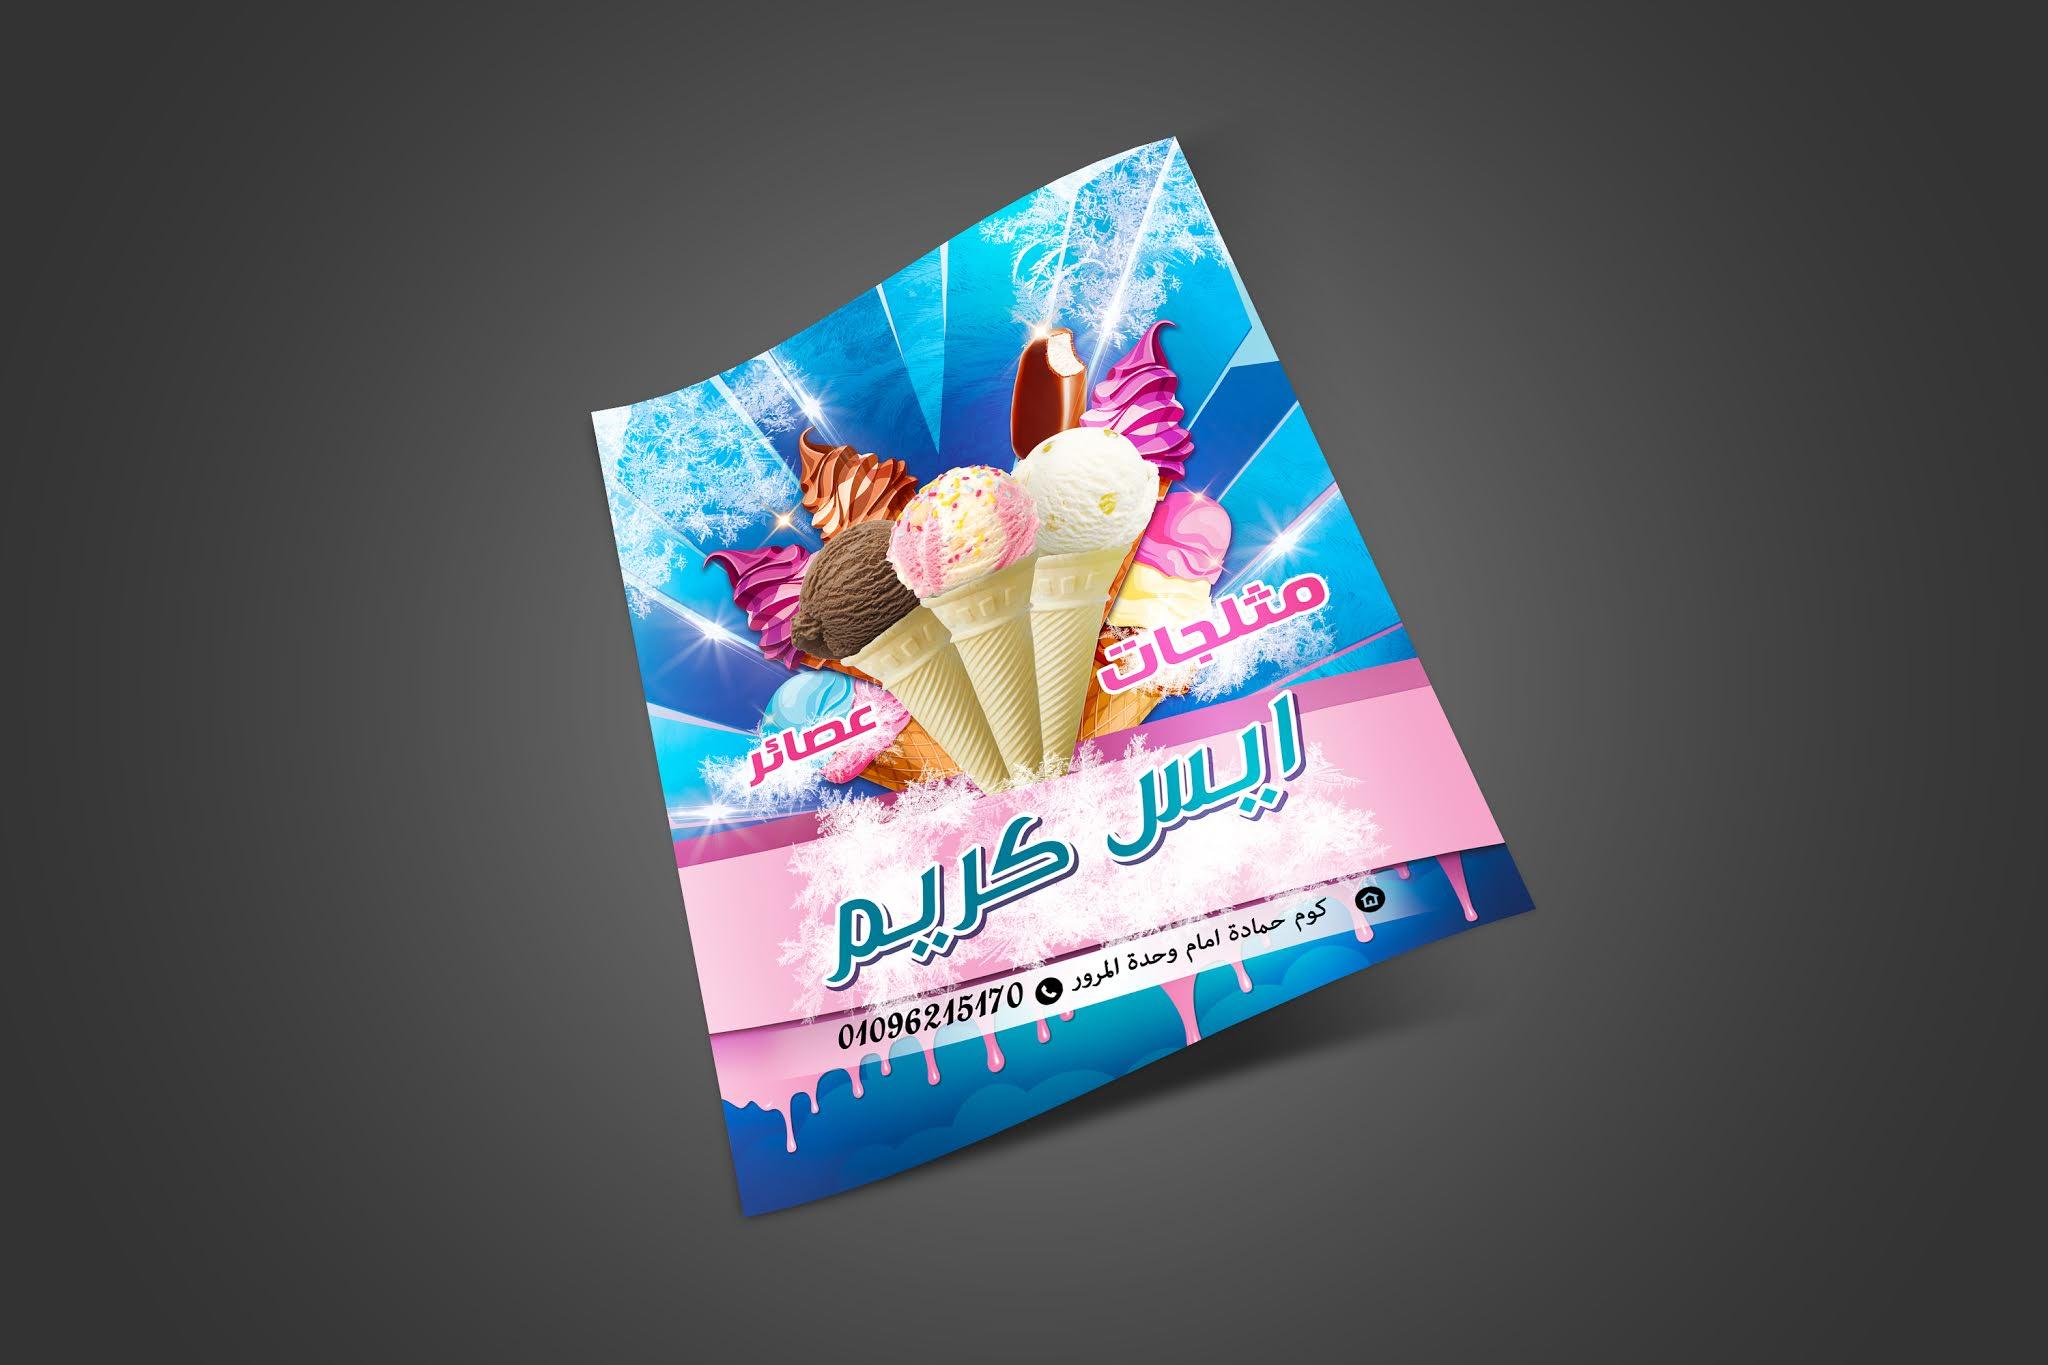 تصميم psd فلاير احترافى خاص ببيع الايس كريم والمثلجات